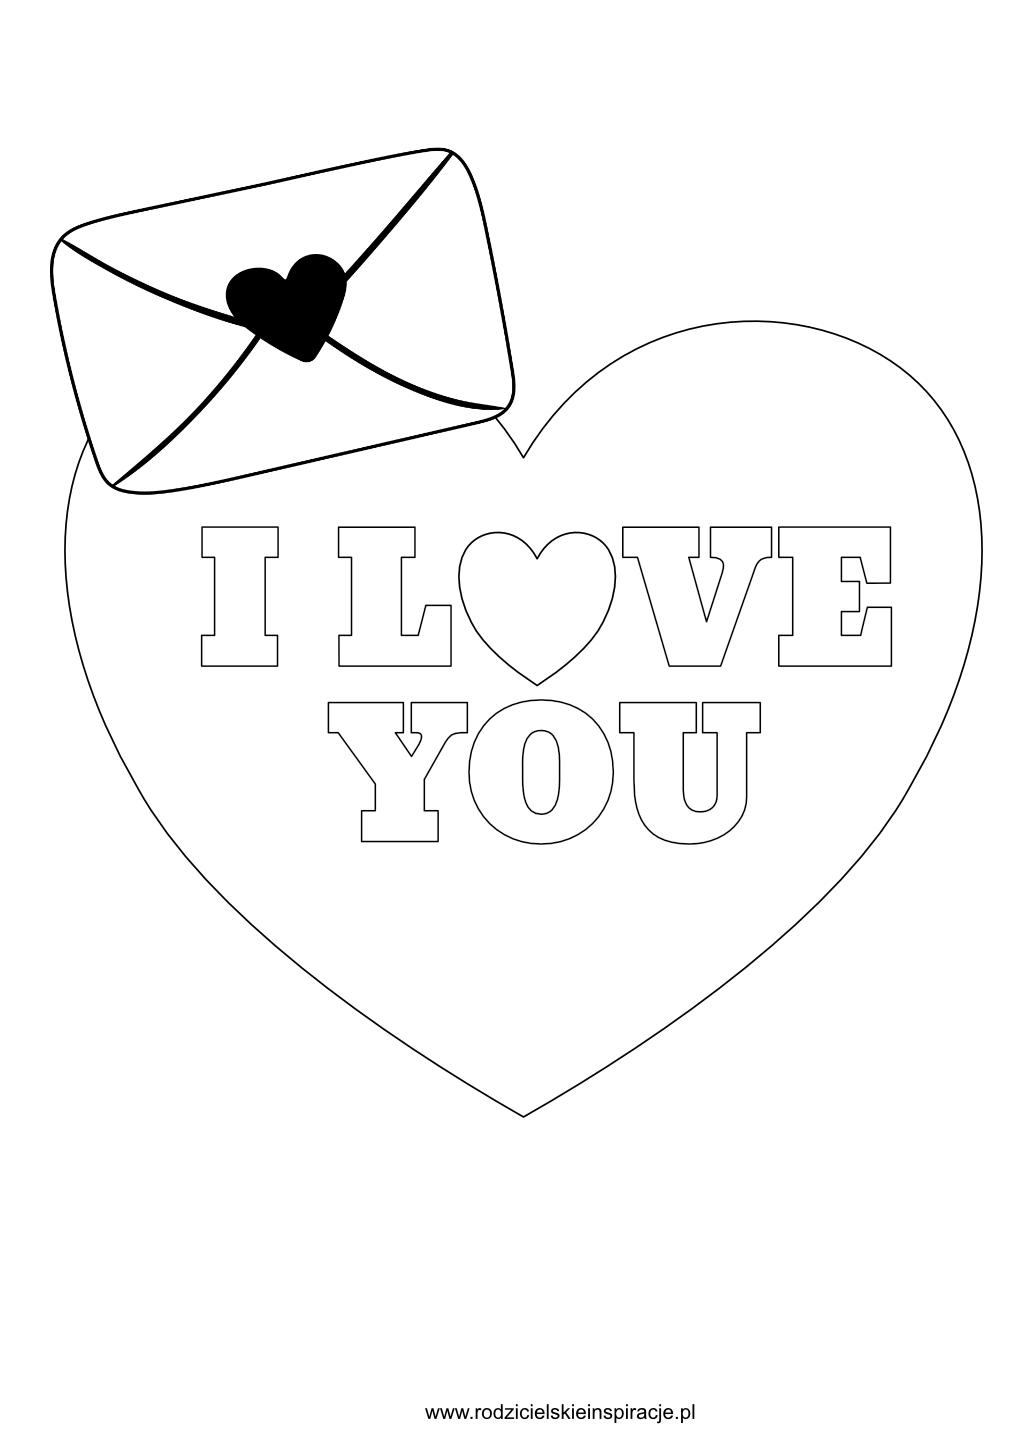 Kolorowanka walentynki - I Love You